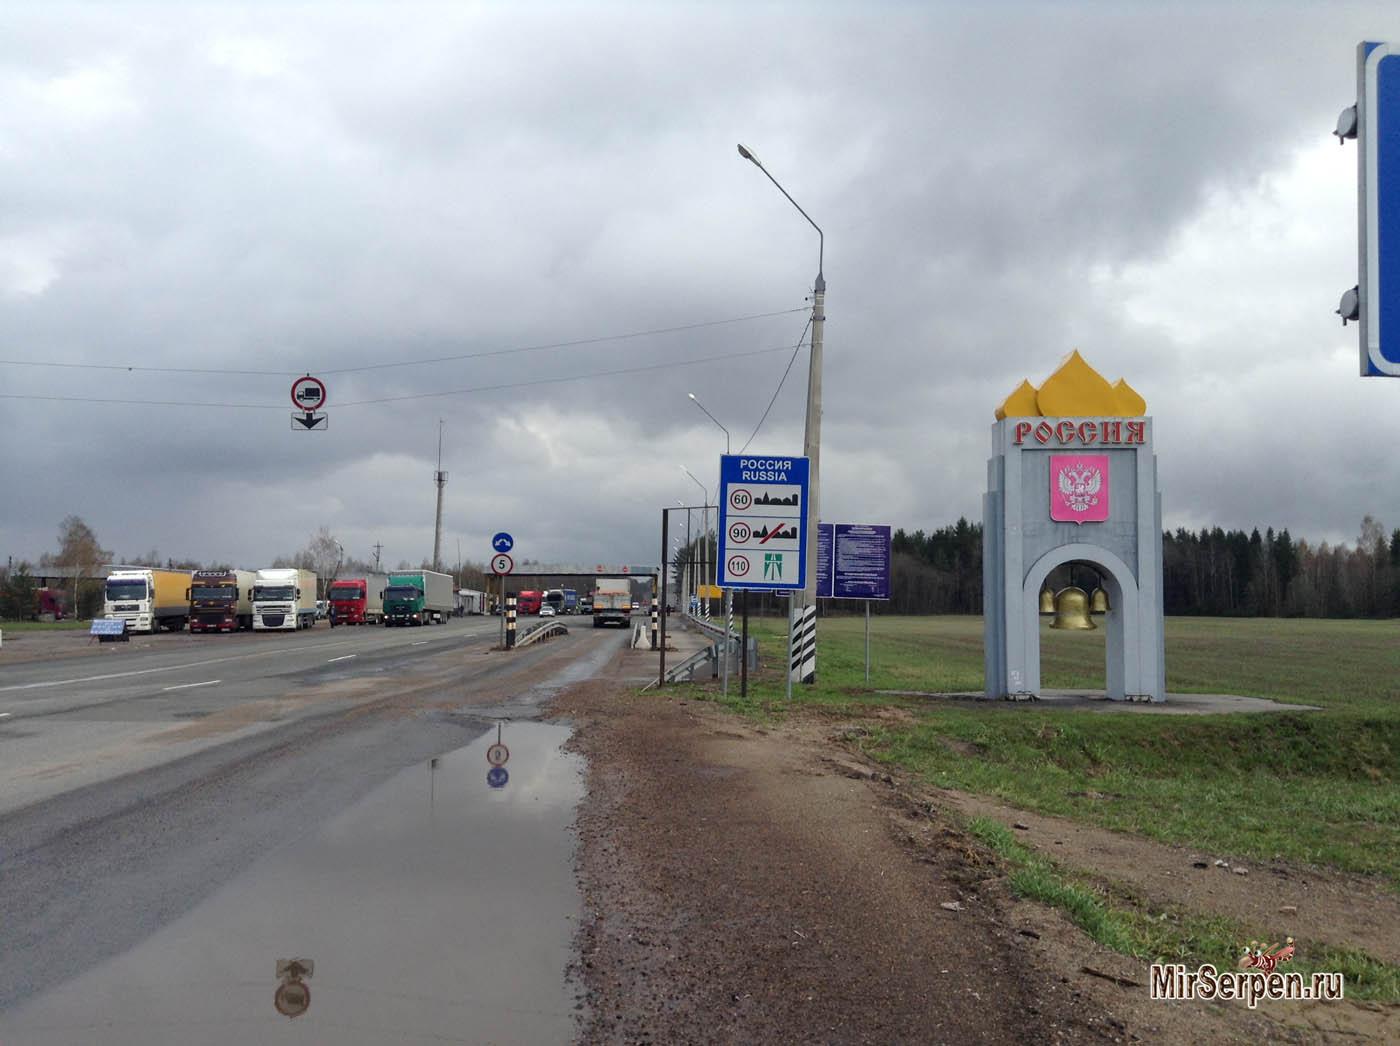 Едем в Беларусь на машине: пересечение границы